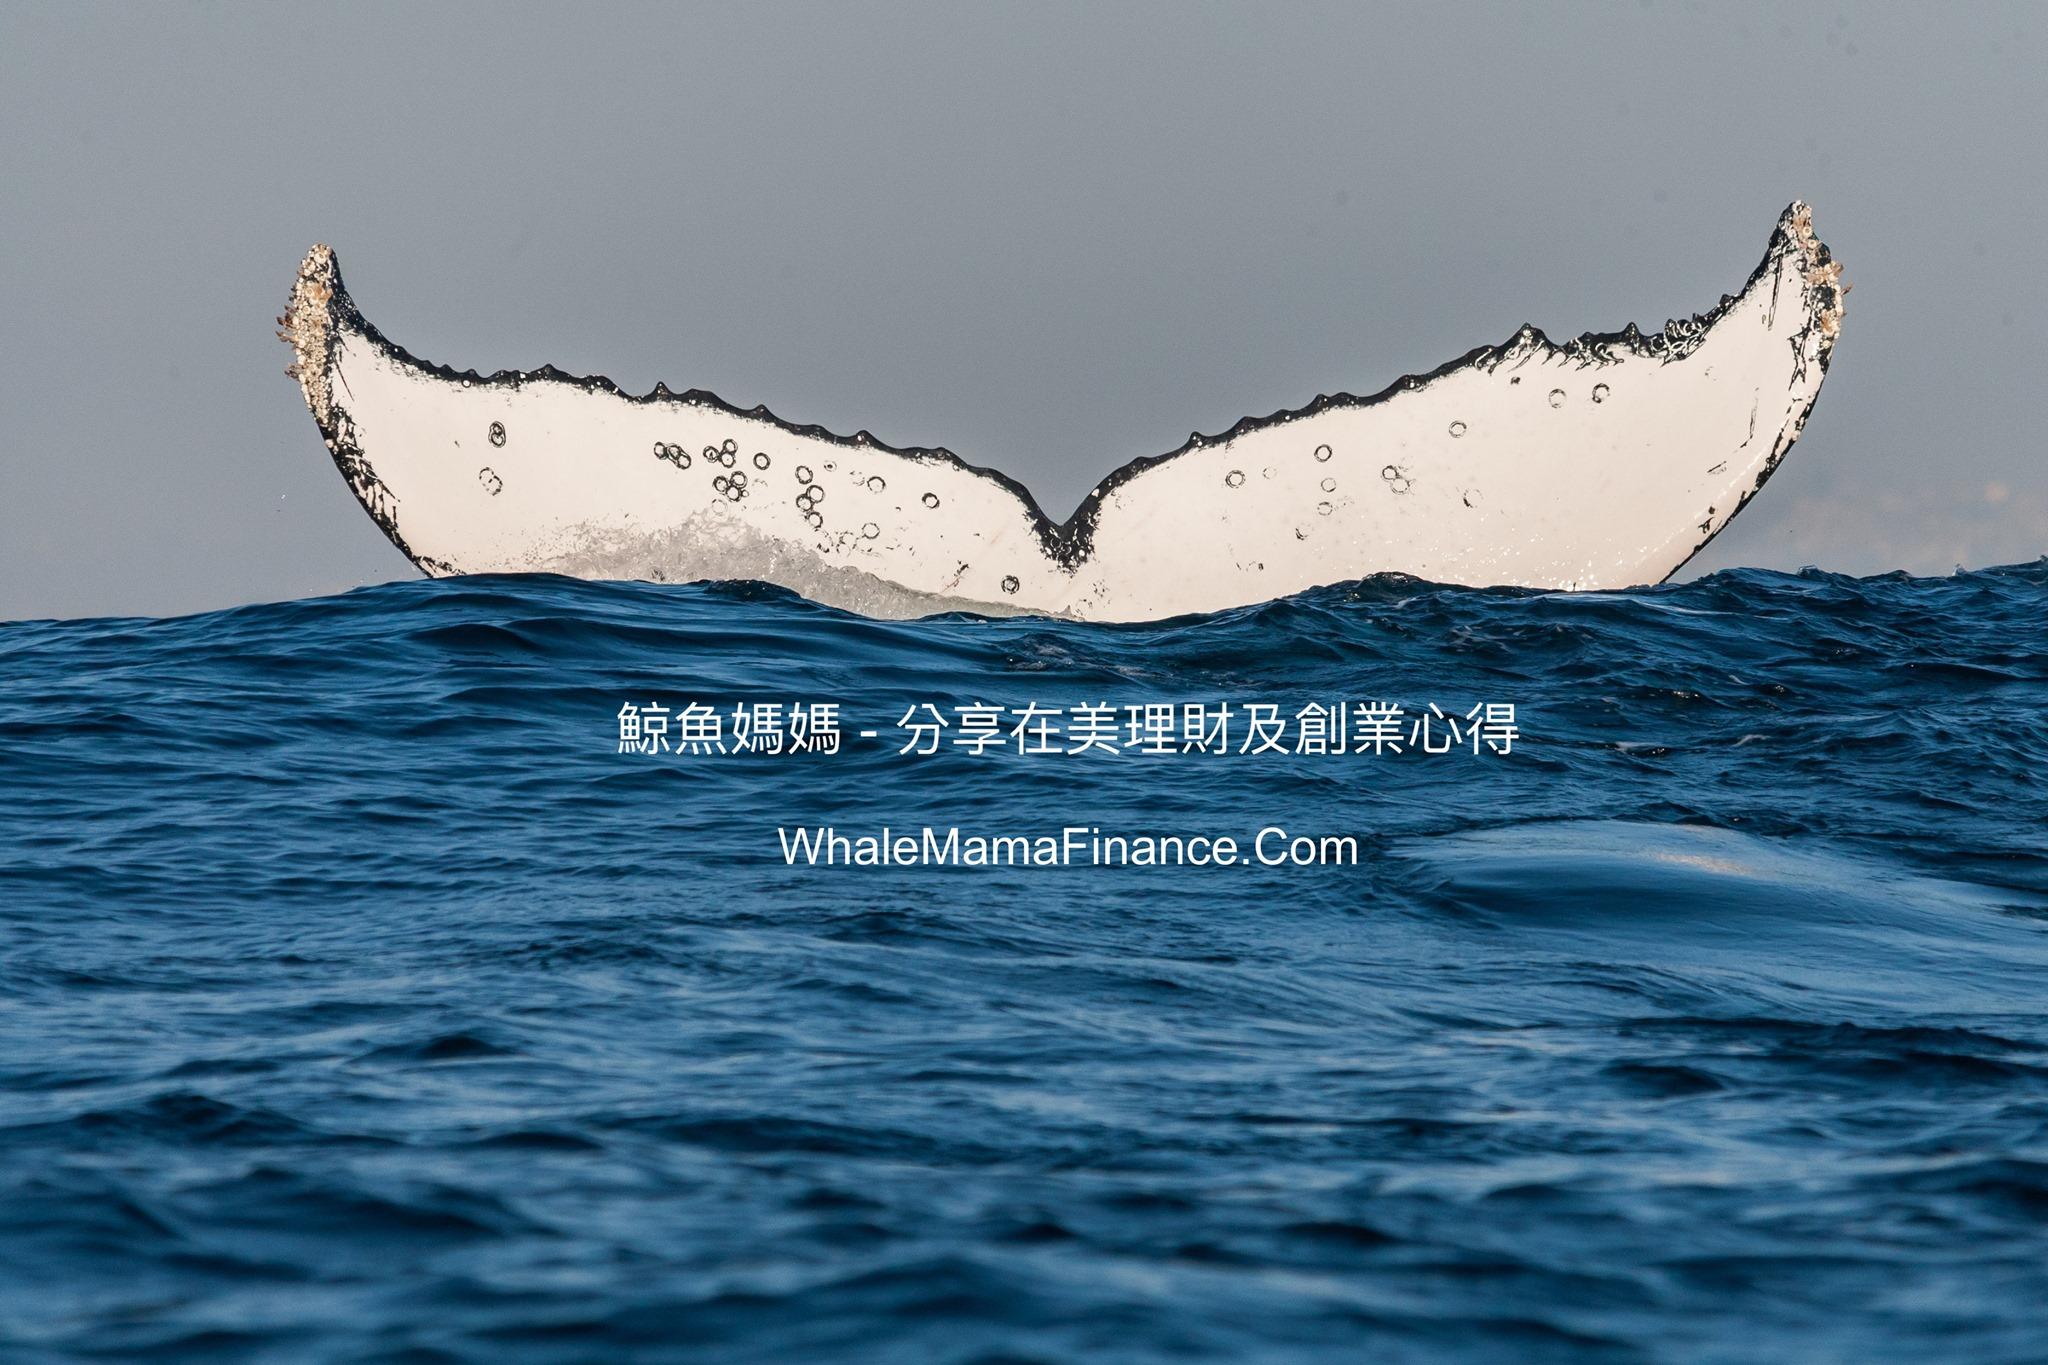 人生只有一件事 ft. 鯨魚媽媽